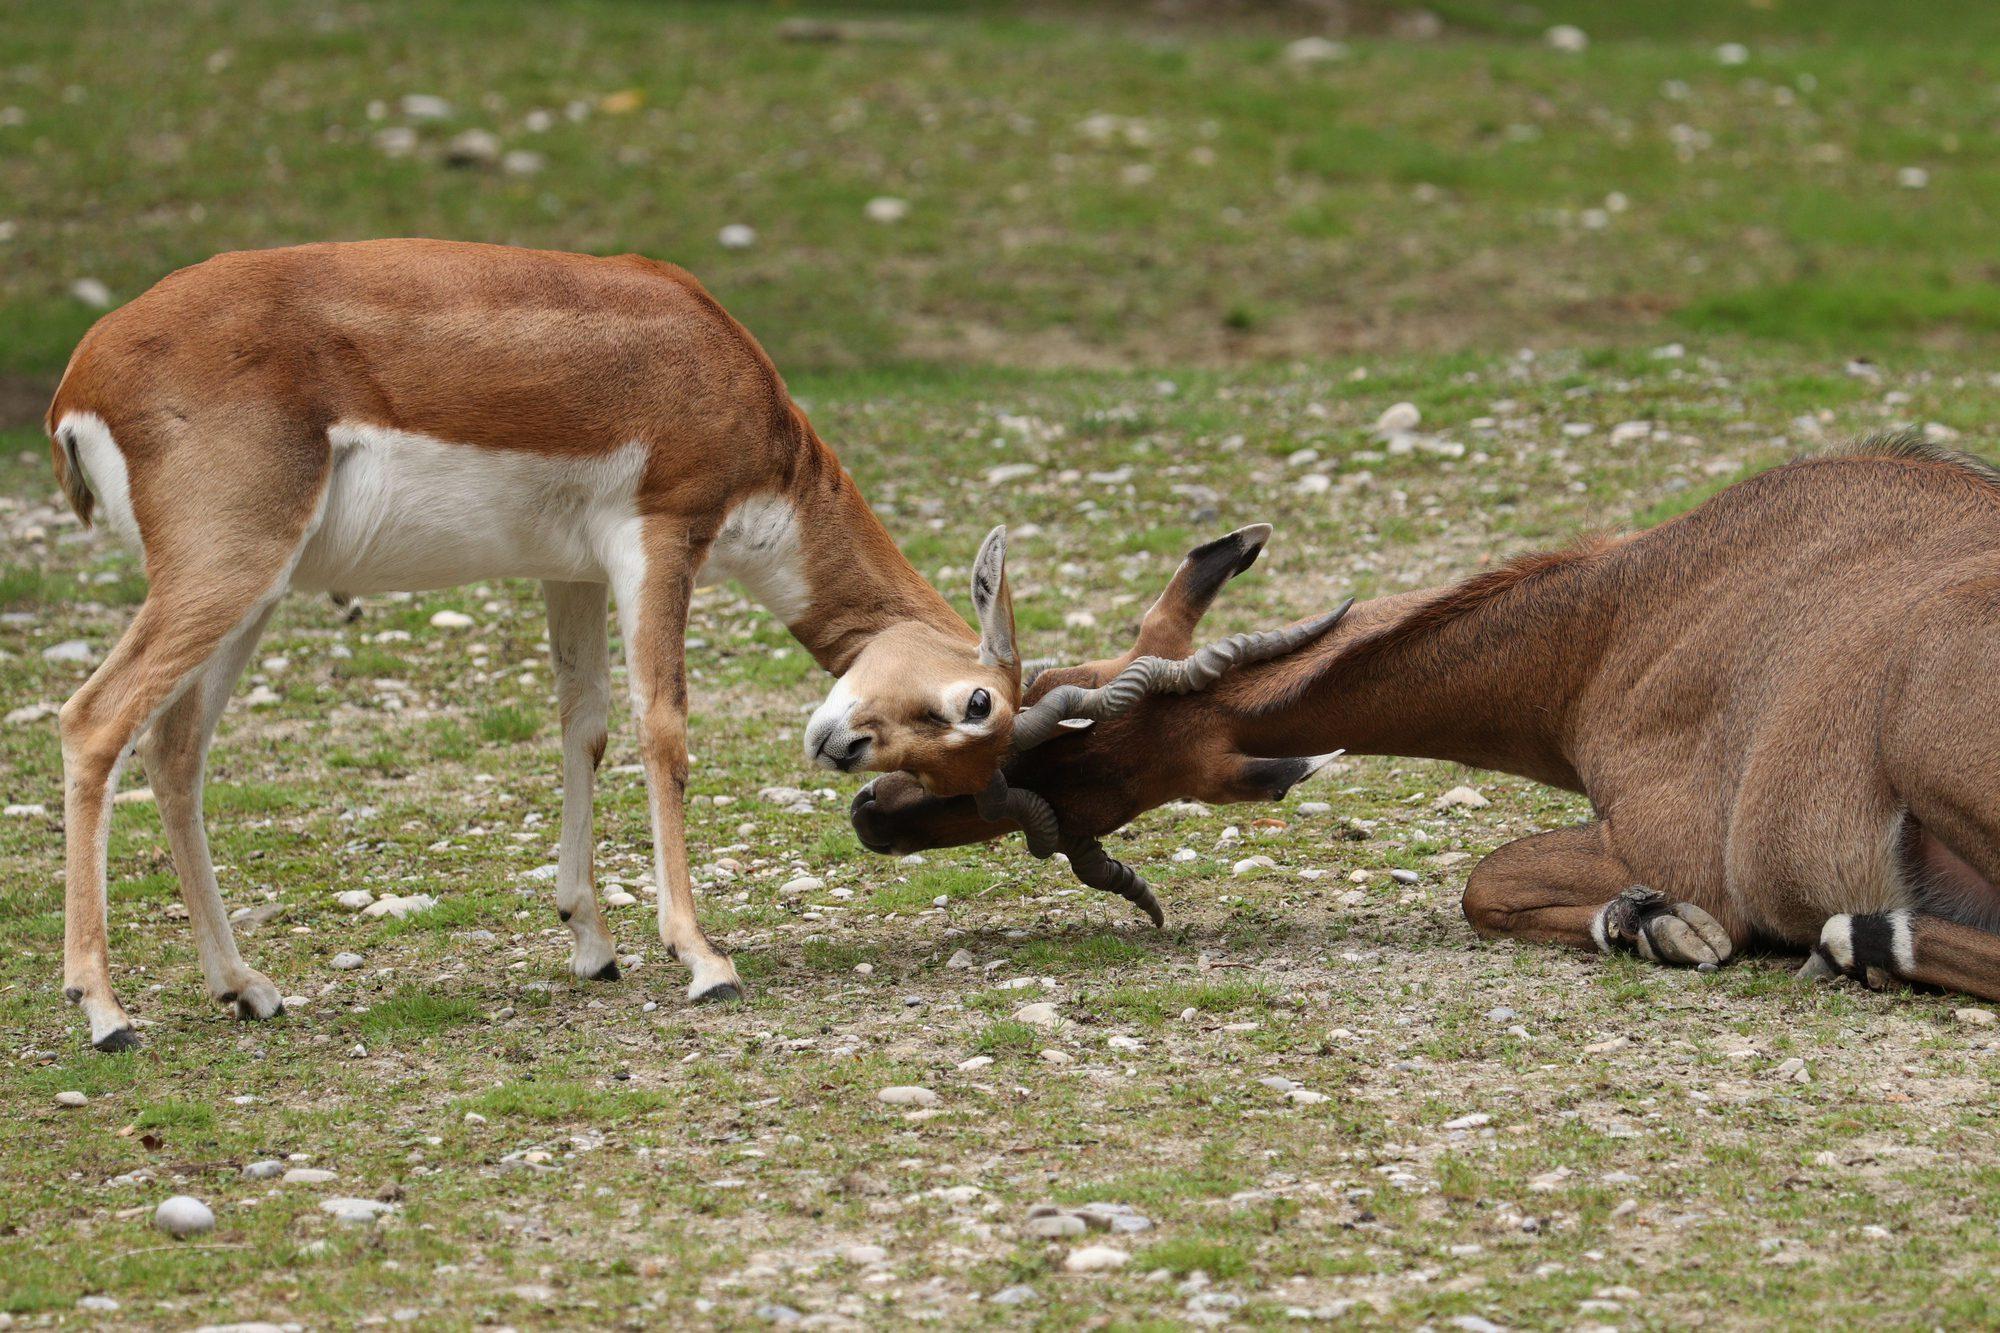 Hirschziegenantilopenbock im Spiel mit einer Nilgauantilope im Tierpark Hellabrunn